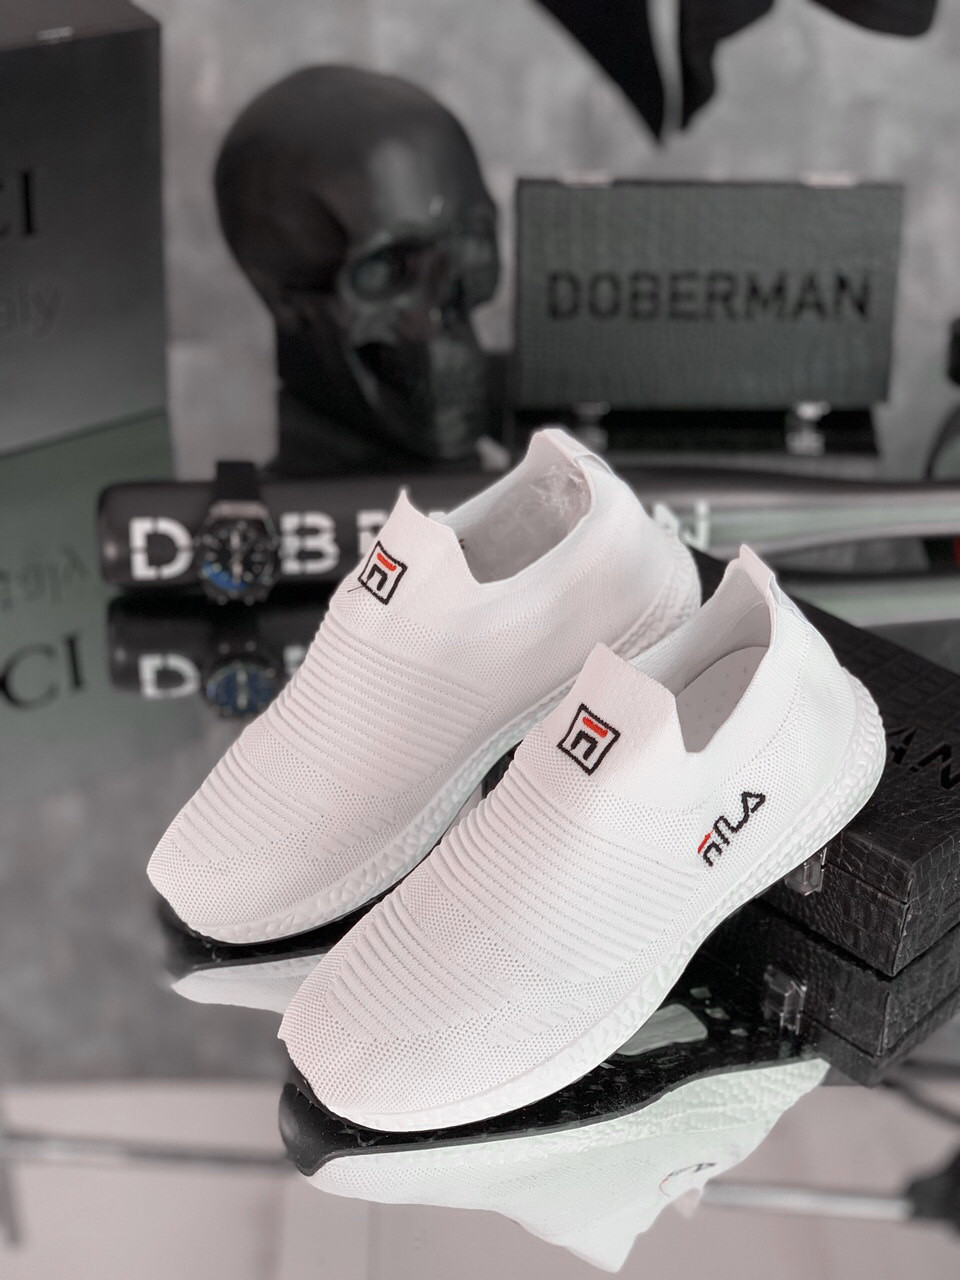 Кроссовки мужские Fila dzen D6324 белые